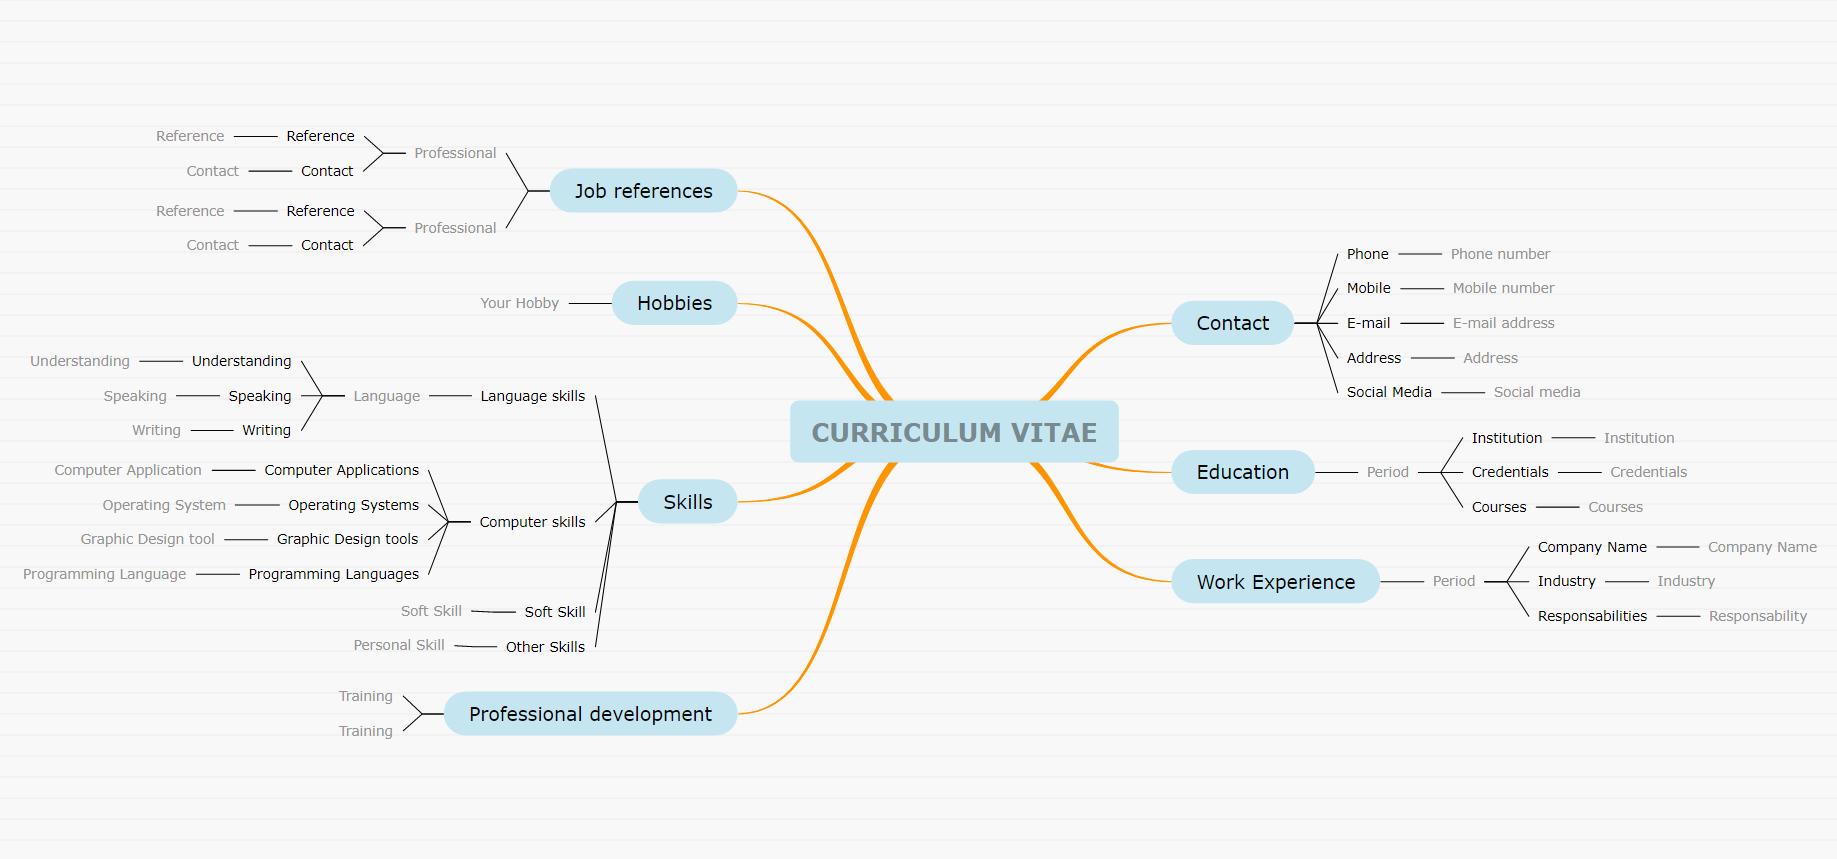 Curriculum Vitae mind map